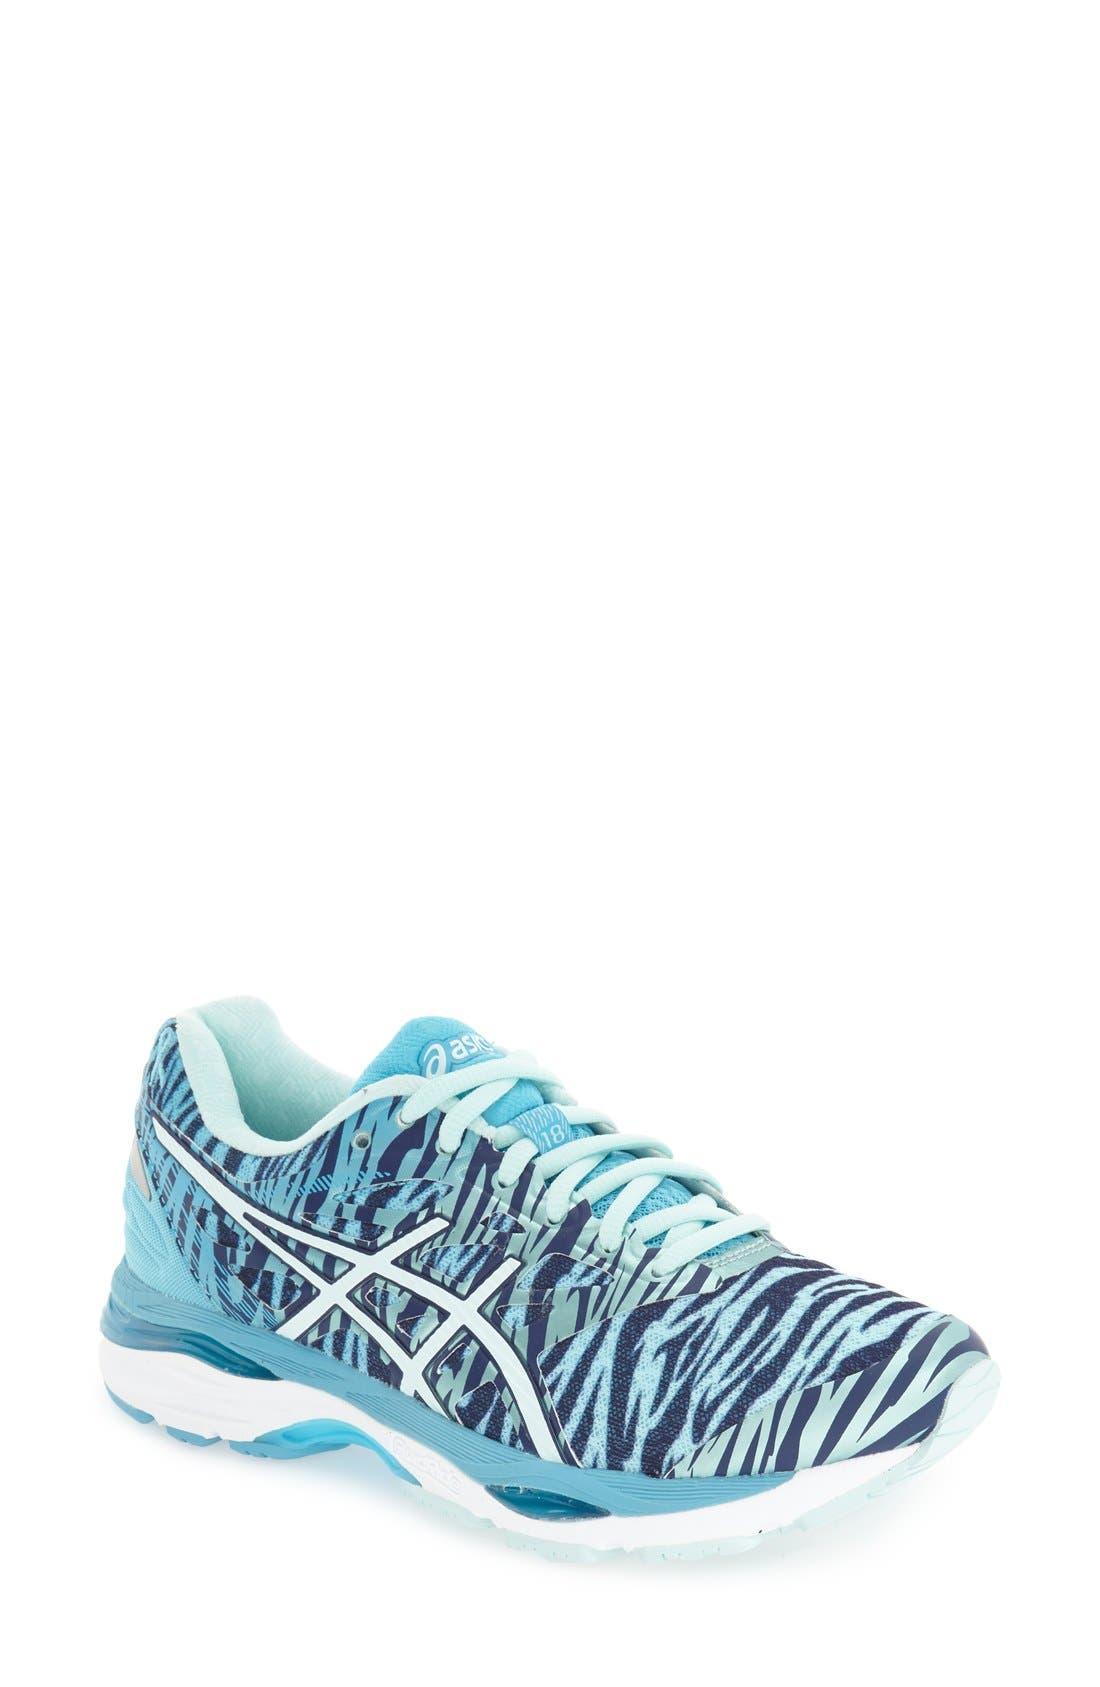 Alternate Image 1 Selected - ASICS® 'GEL-Cumulus® 18' Running Shoe (Women)